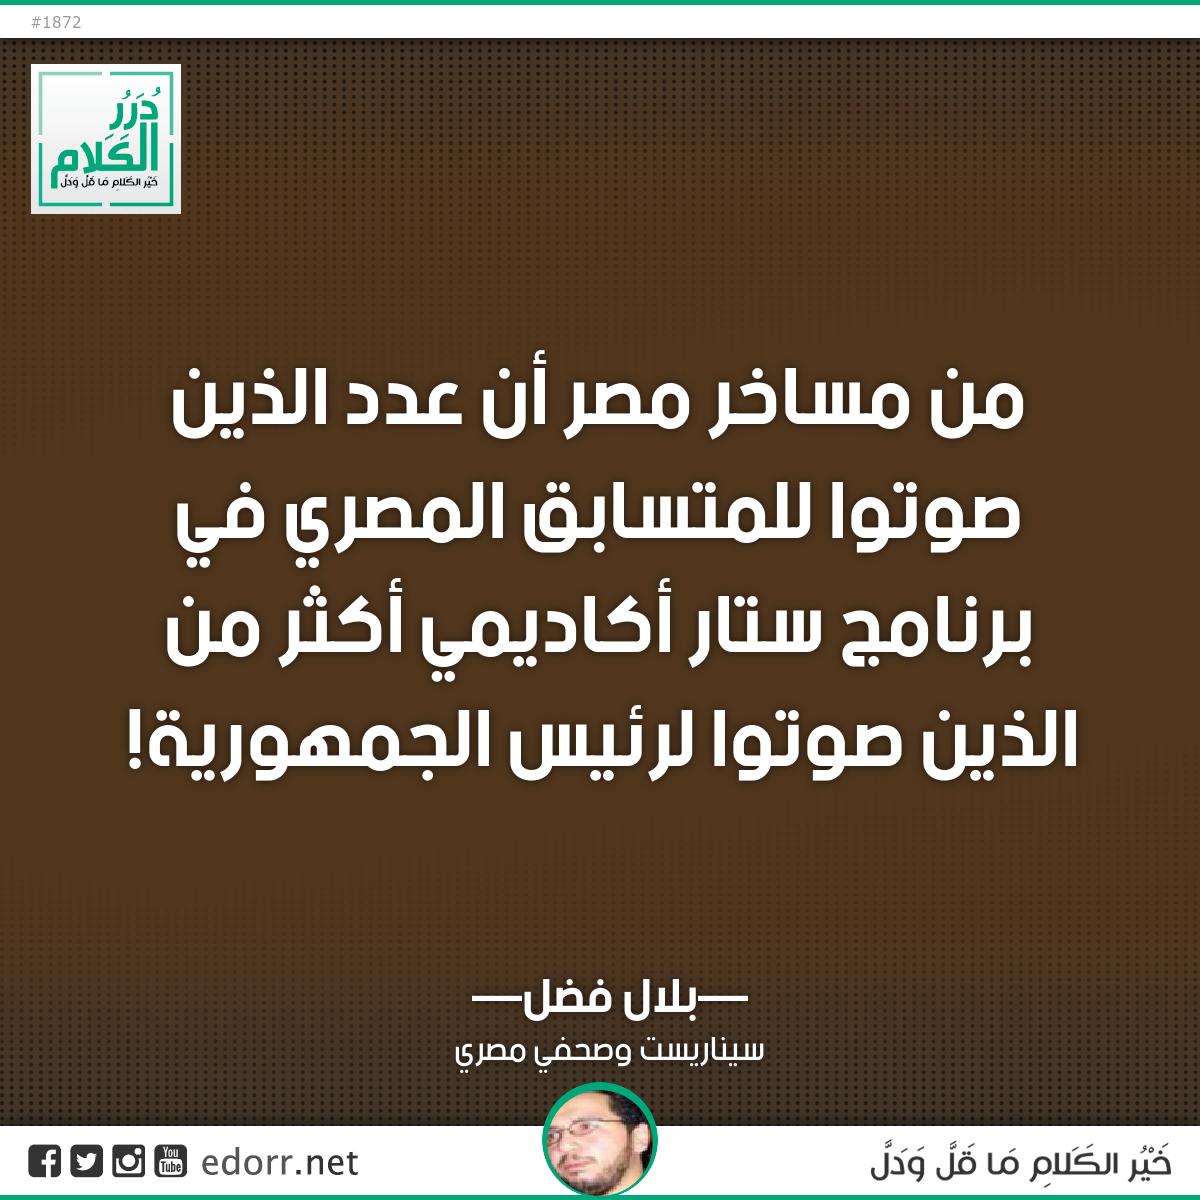 من مساخر مصر أن عدد الذين صوتوا للمتسابق المصري في برنامج ستار أكاديمي أكثر من الذين صوتوا لرئيس الجمهورية!